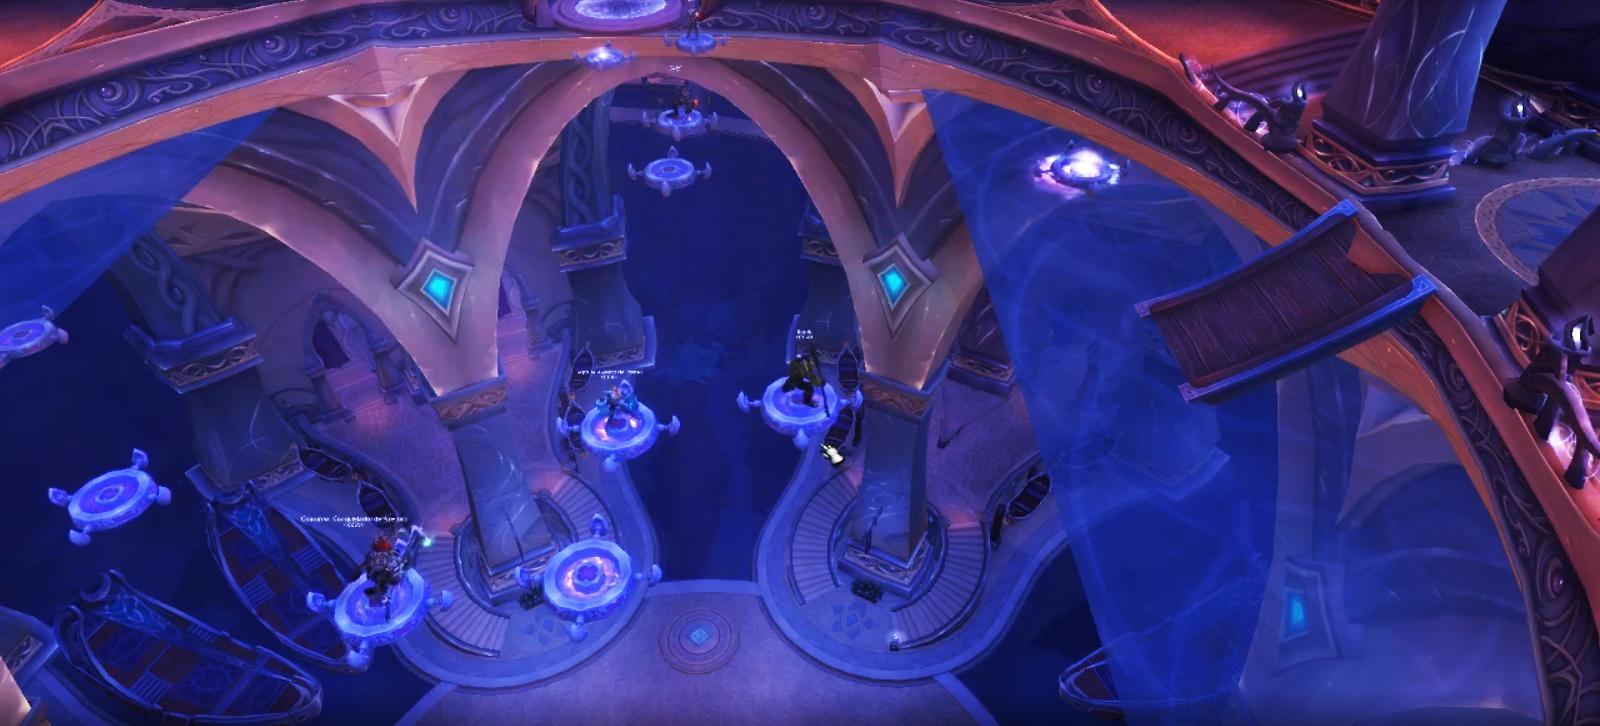 Coordonnez-vous et déplacez-vous sur les disques afin d'atteindre la pièce suivante (image AlfonoflA)